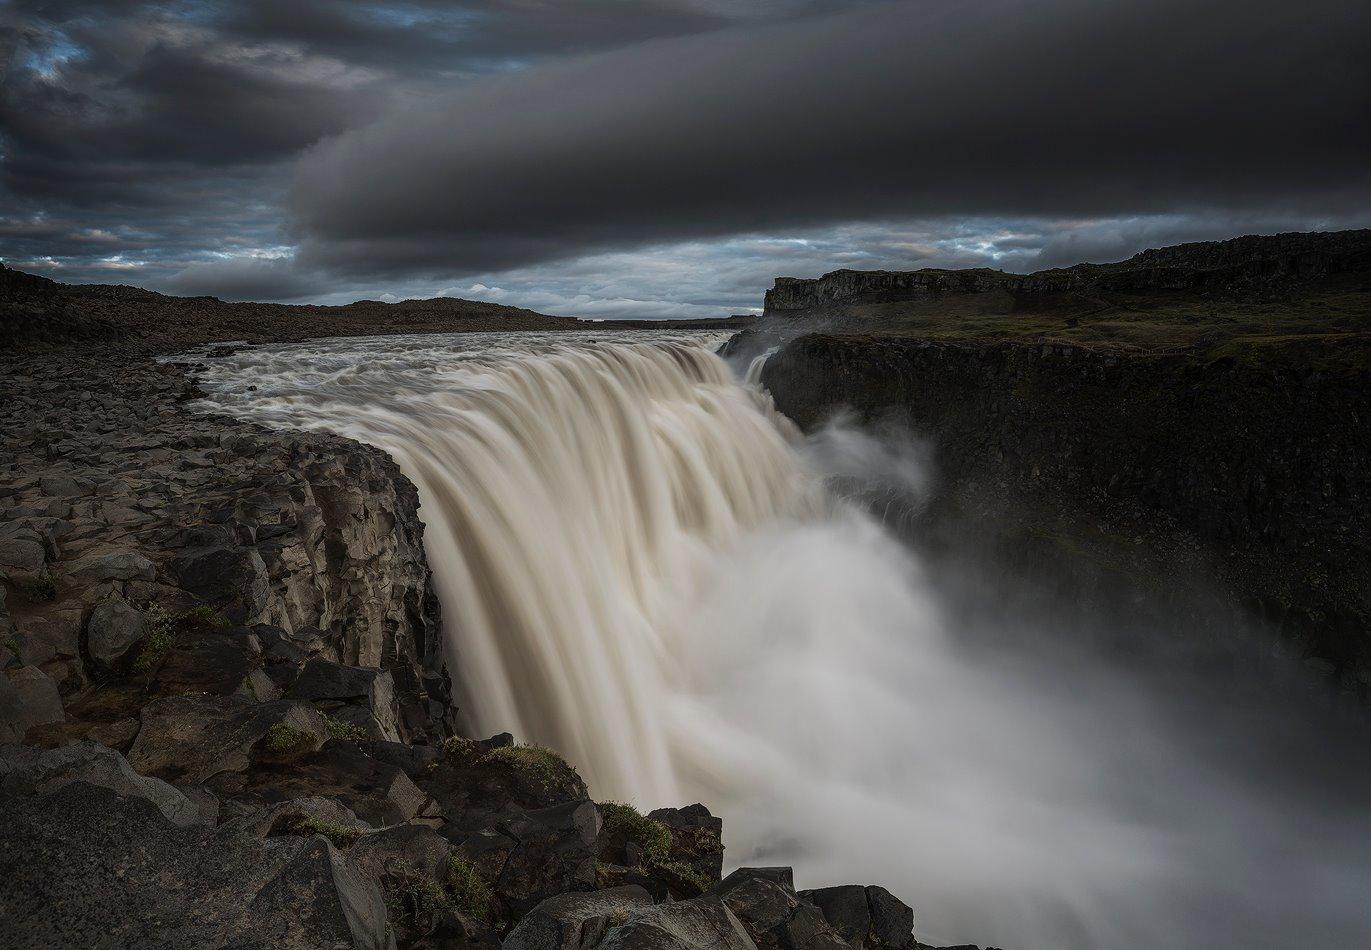 Norweski wodospad Harpefossen przewyższa Dettifoss pod względem średniego przepływu wody, ale jest tylko o połowę mniejszy.